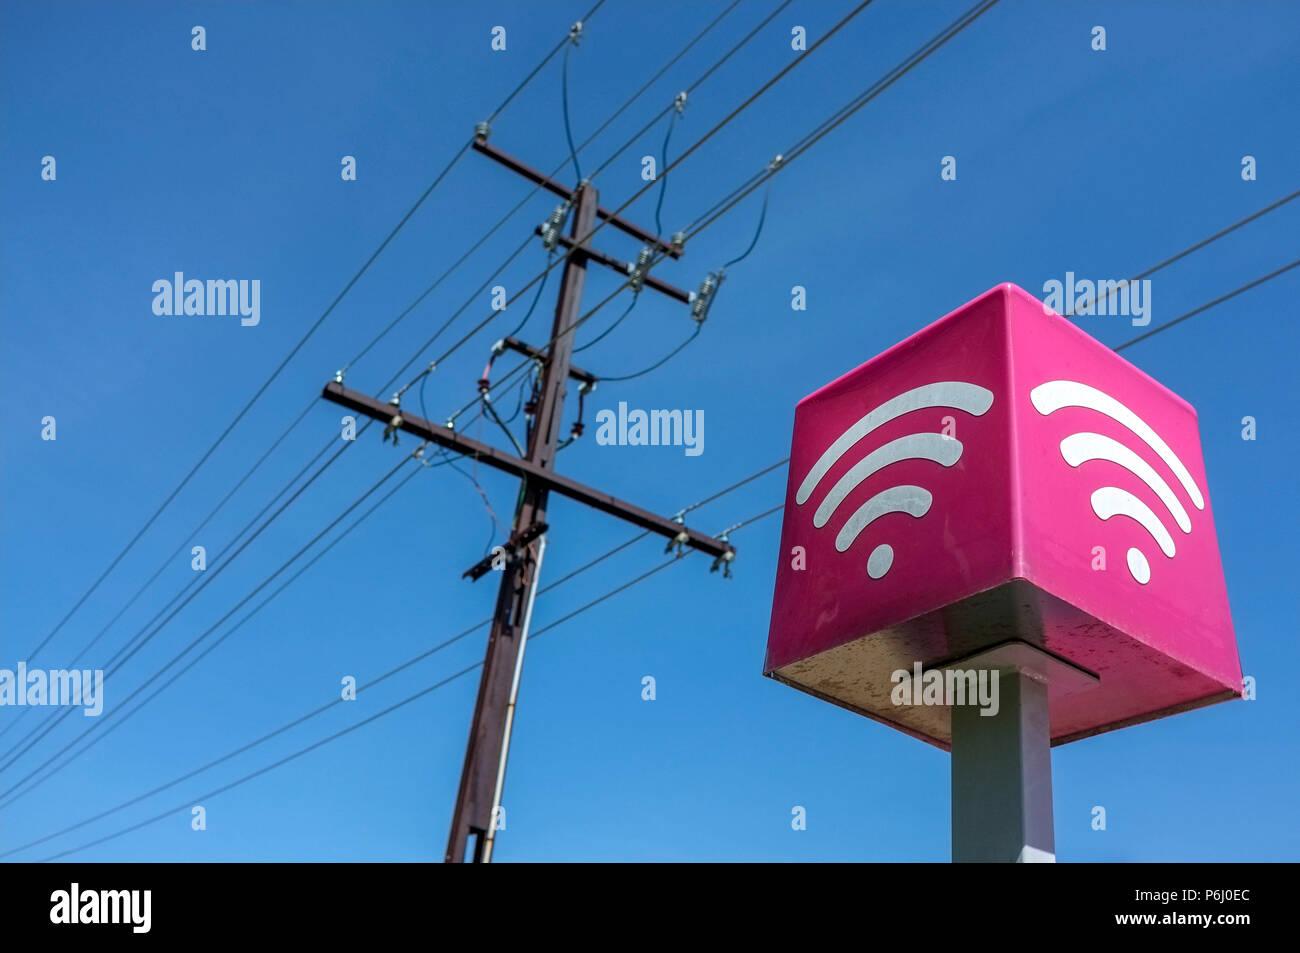 Las líneas de teléfono y conexión de internet Wi-Fi signo contra un cielo azul. Imagen De Stock